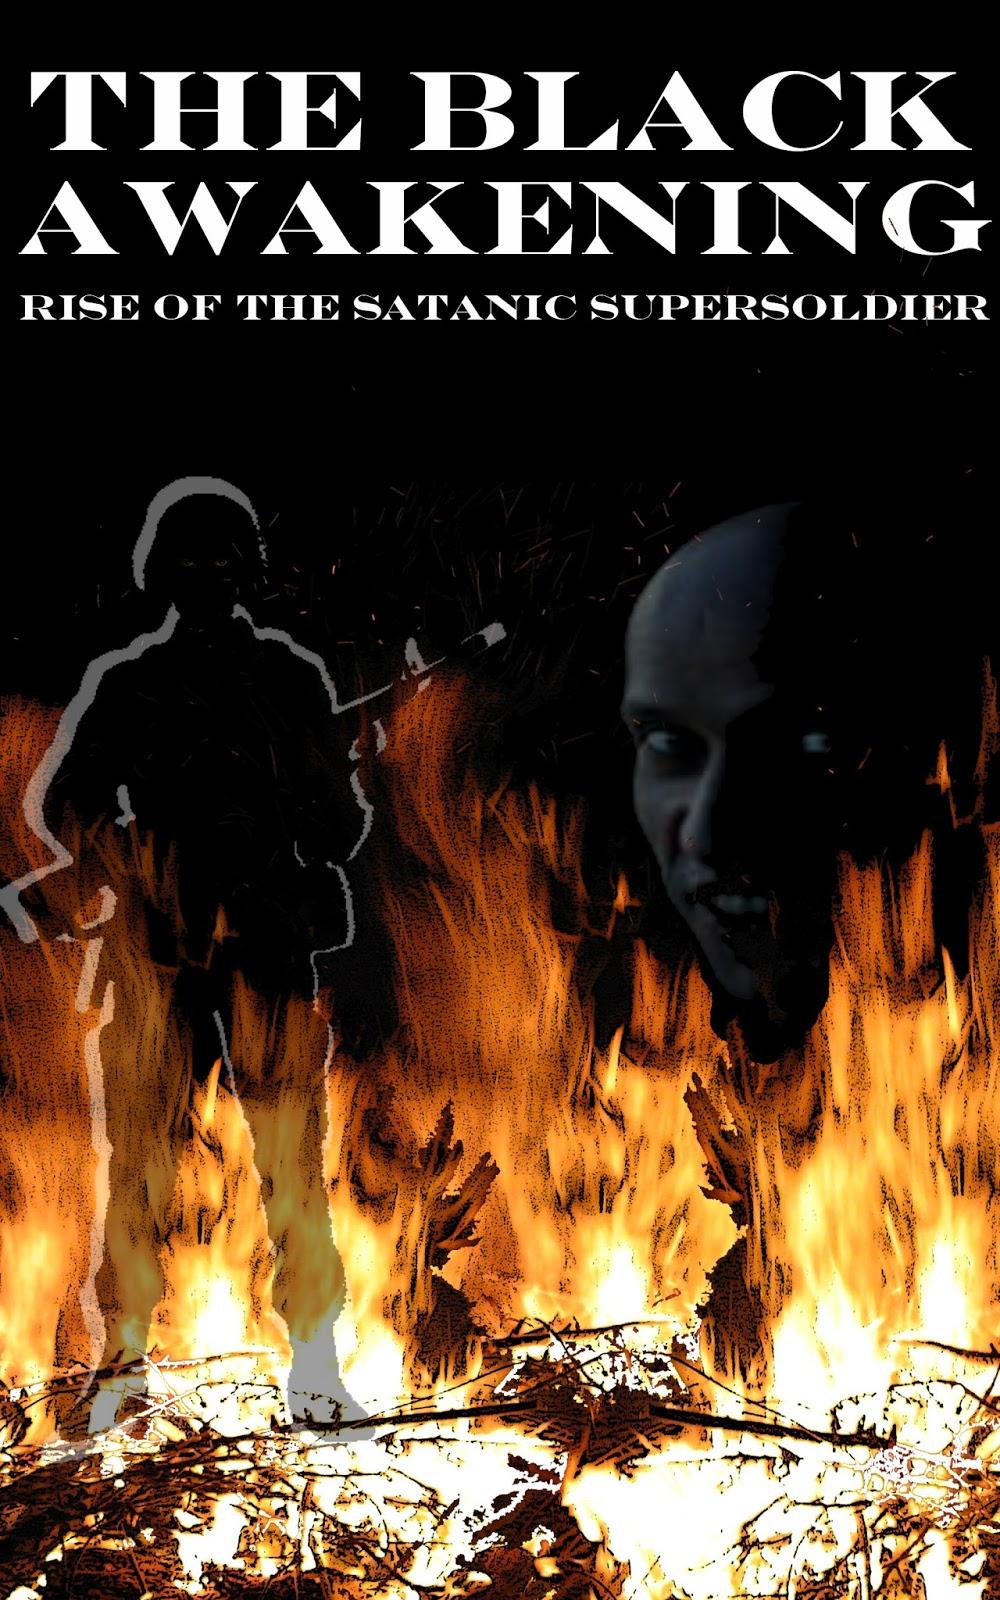 Tiết lộ từ siêu chiến binh Illuminati/Satan